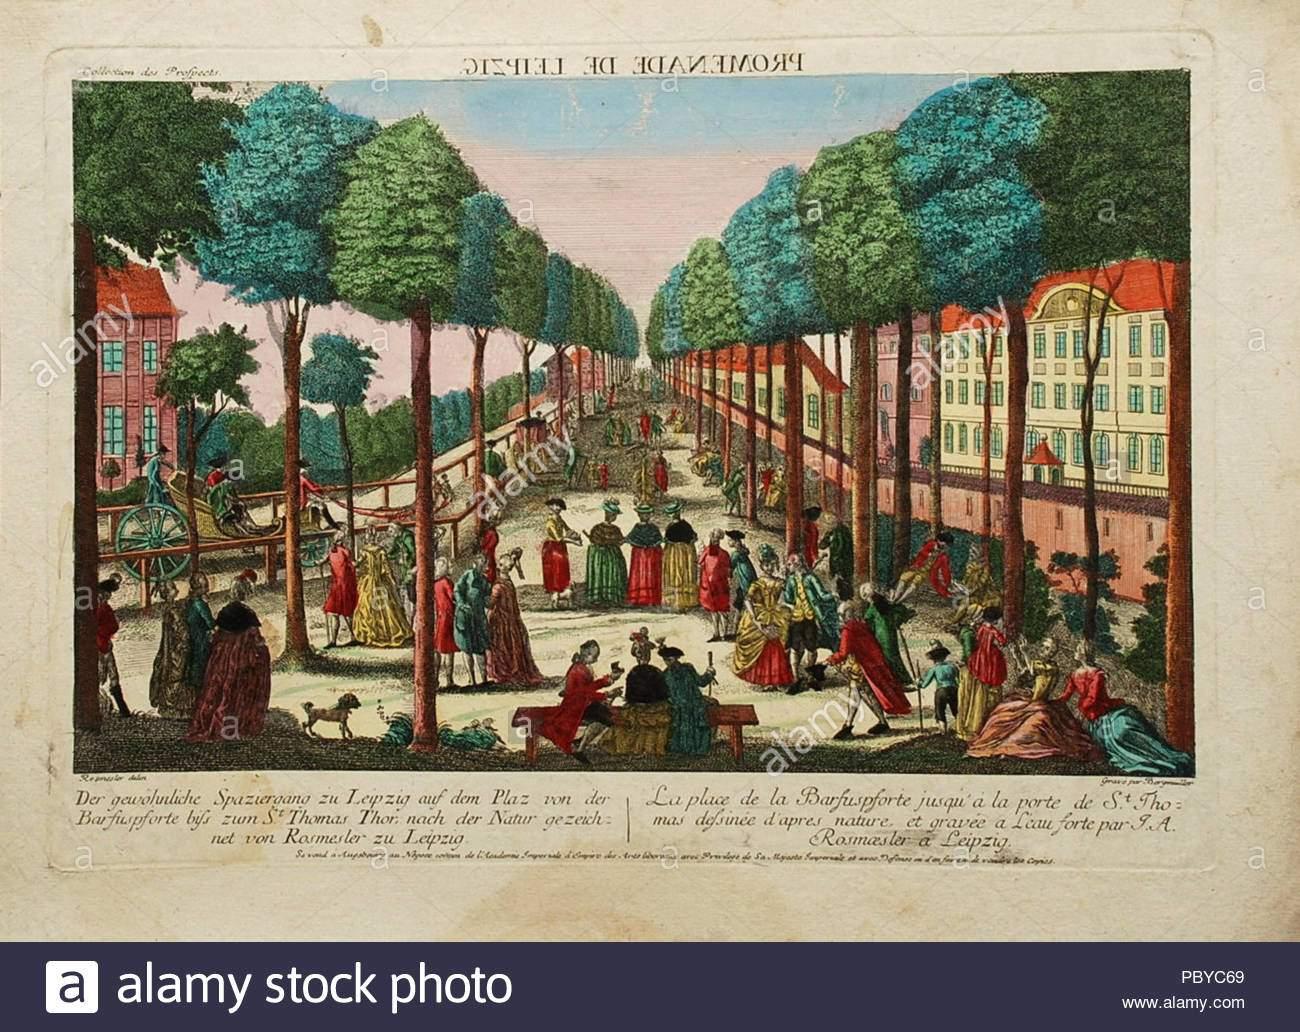 162 esplanade in der peters vorstadt zu leipzig vor 1780 sterben pbyc69